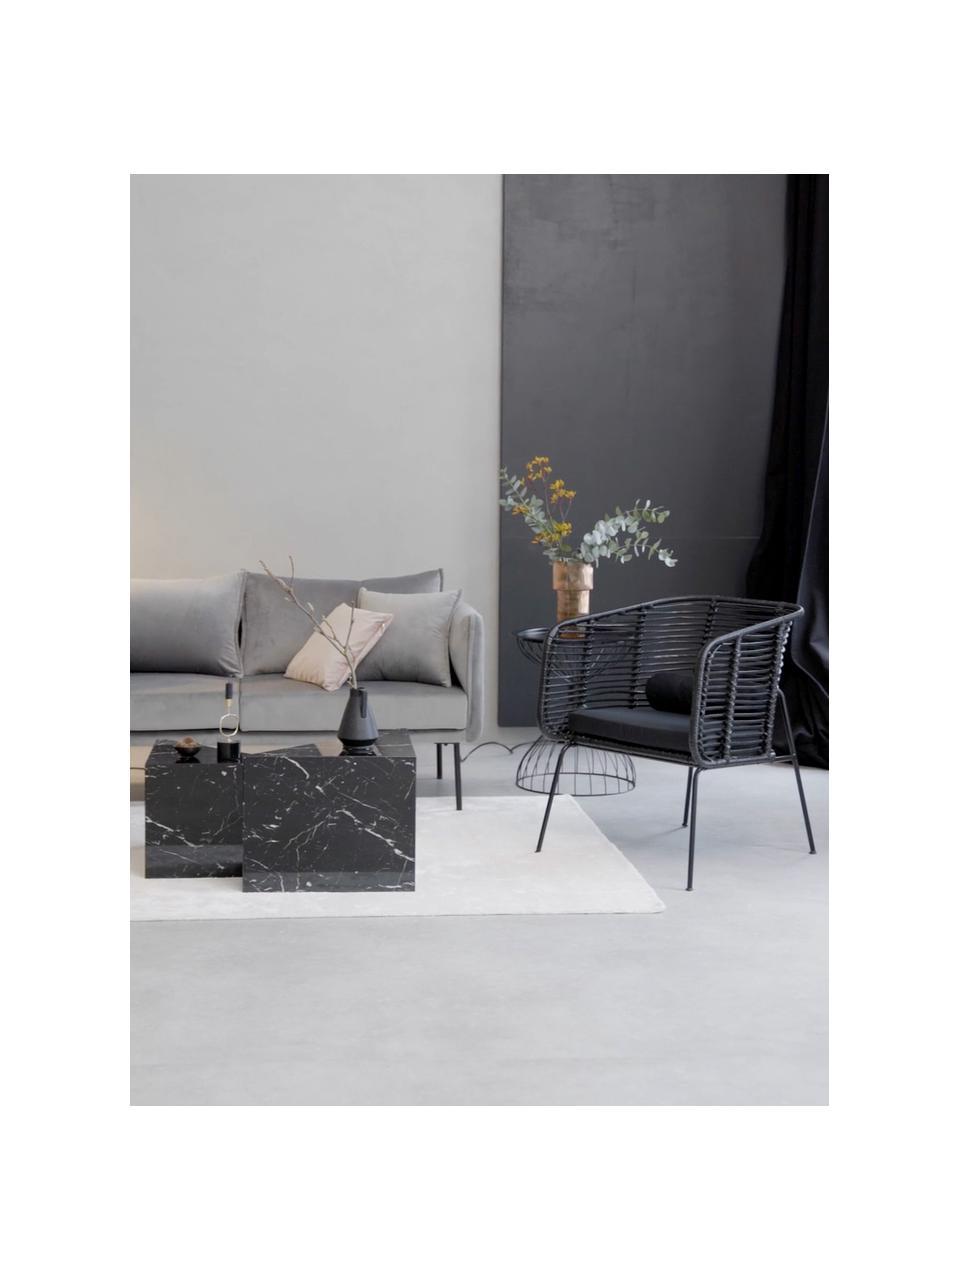 Krzesło z rattanu z podłokietnikami Merete, Siedzisko: czarnyStelaż: czarny, matowyPoszewki: czarny, S 72 x G 74 cm